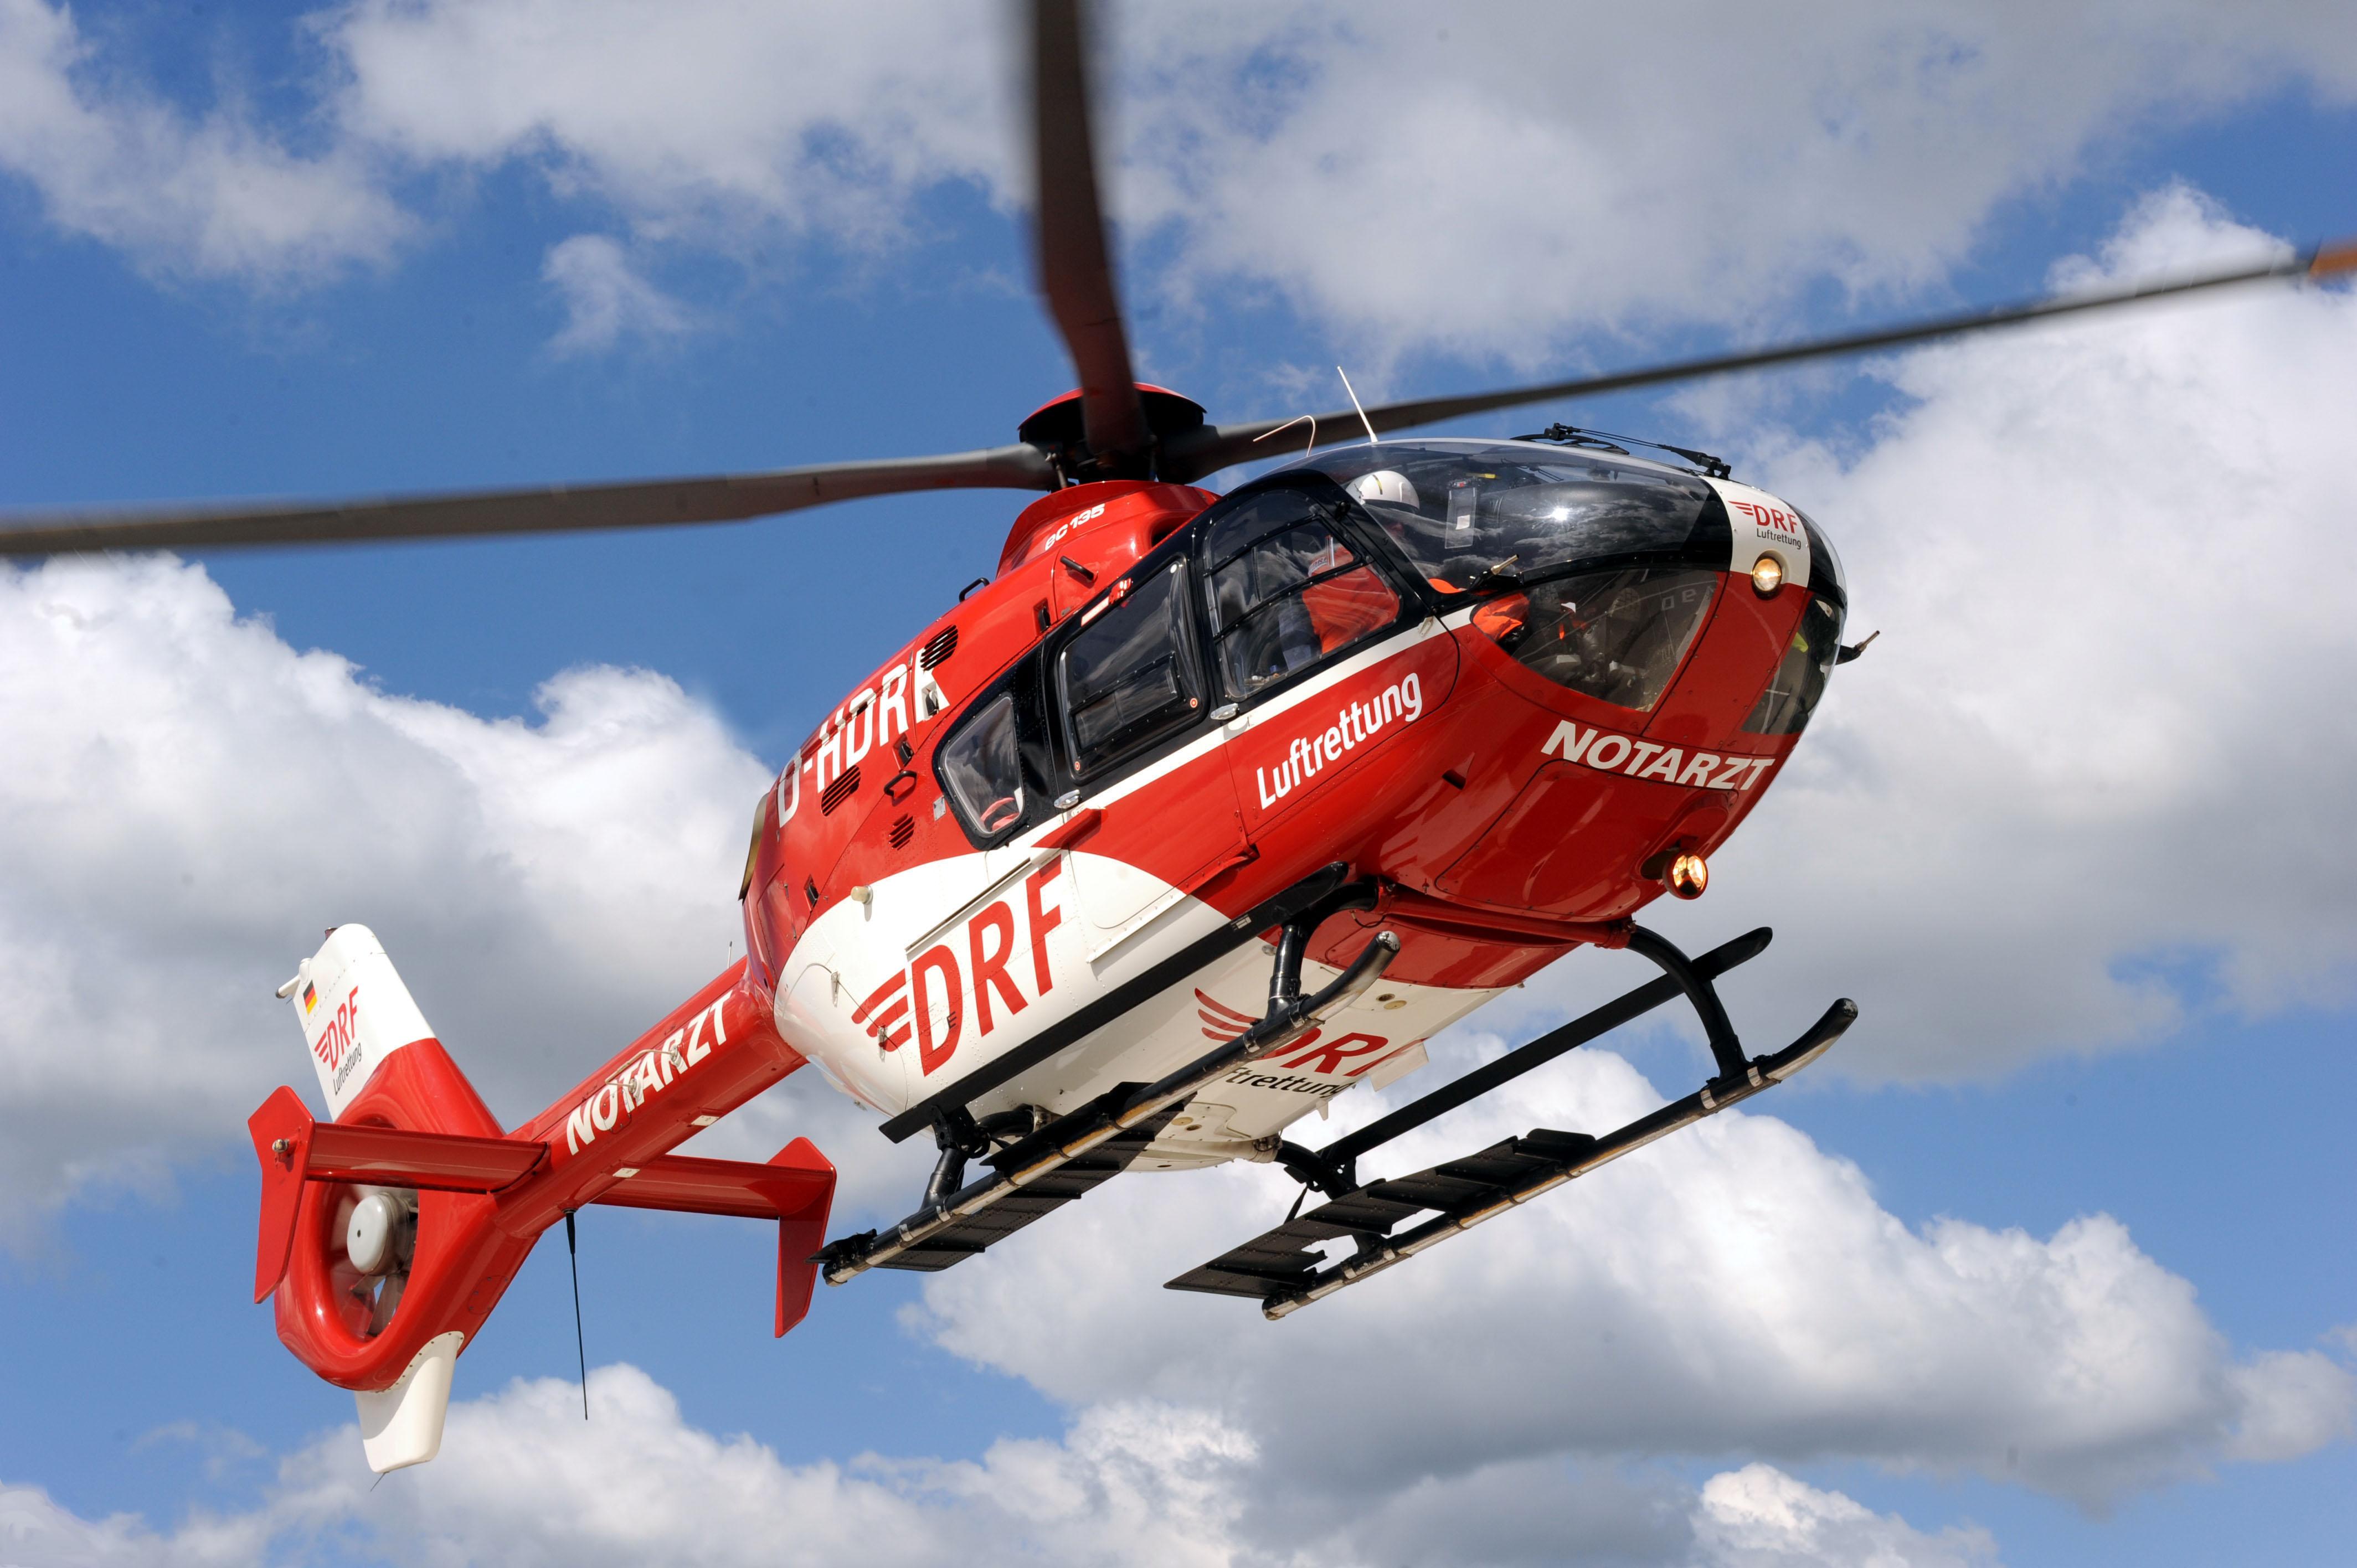 ec-135-im-flug-ansicht-rechts-1-quelle-drf-luftrettung